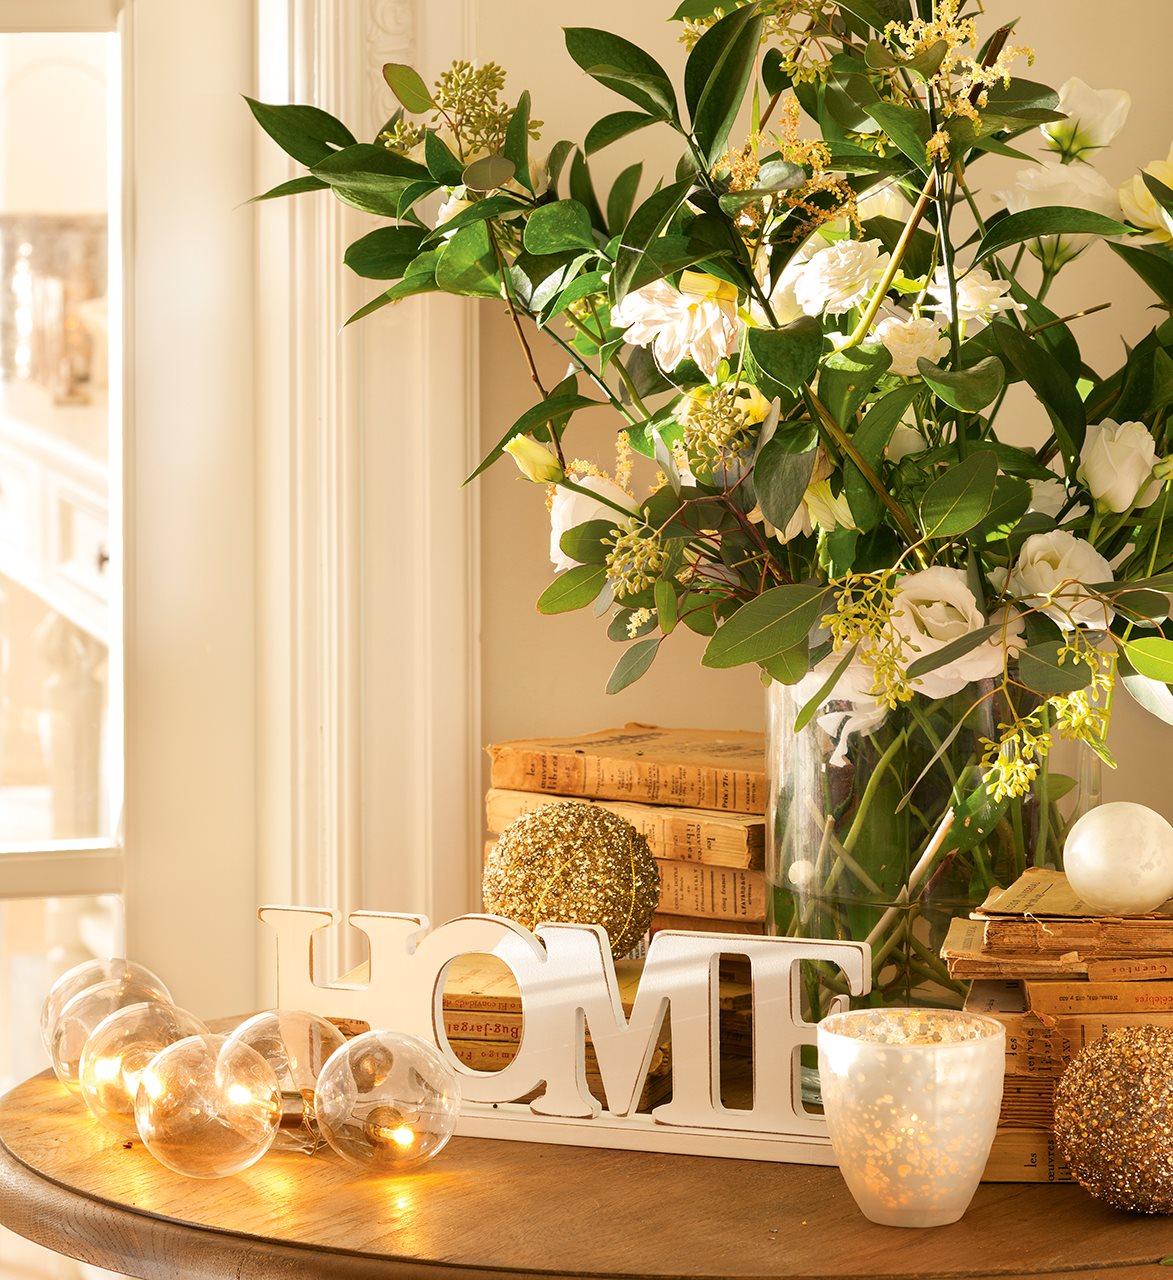 15 ideas para decorar la casa esta navidad - Detalles para decorar ...